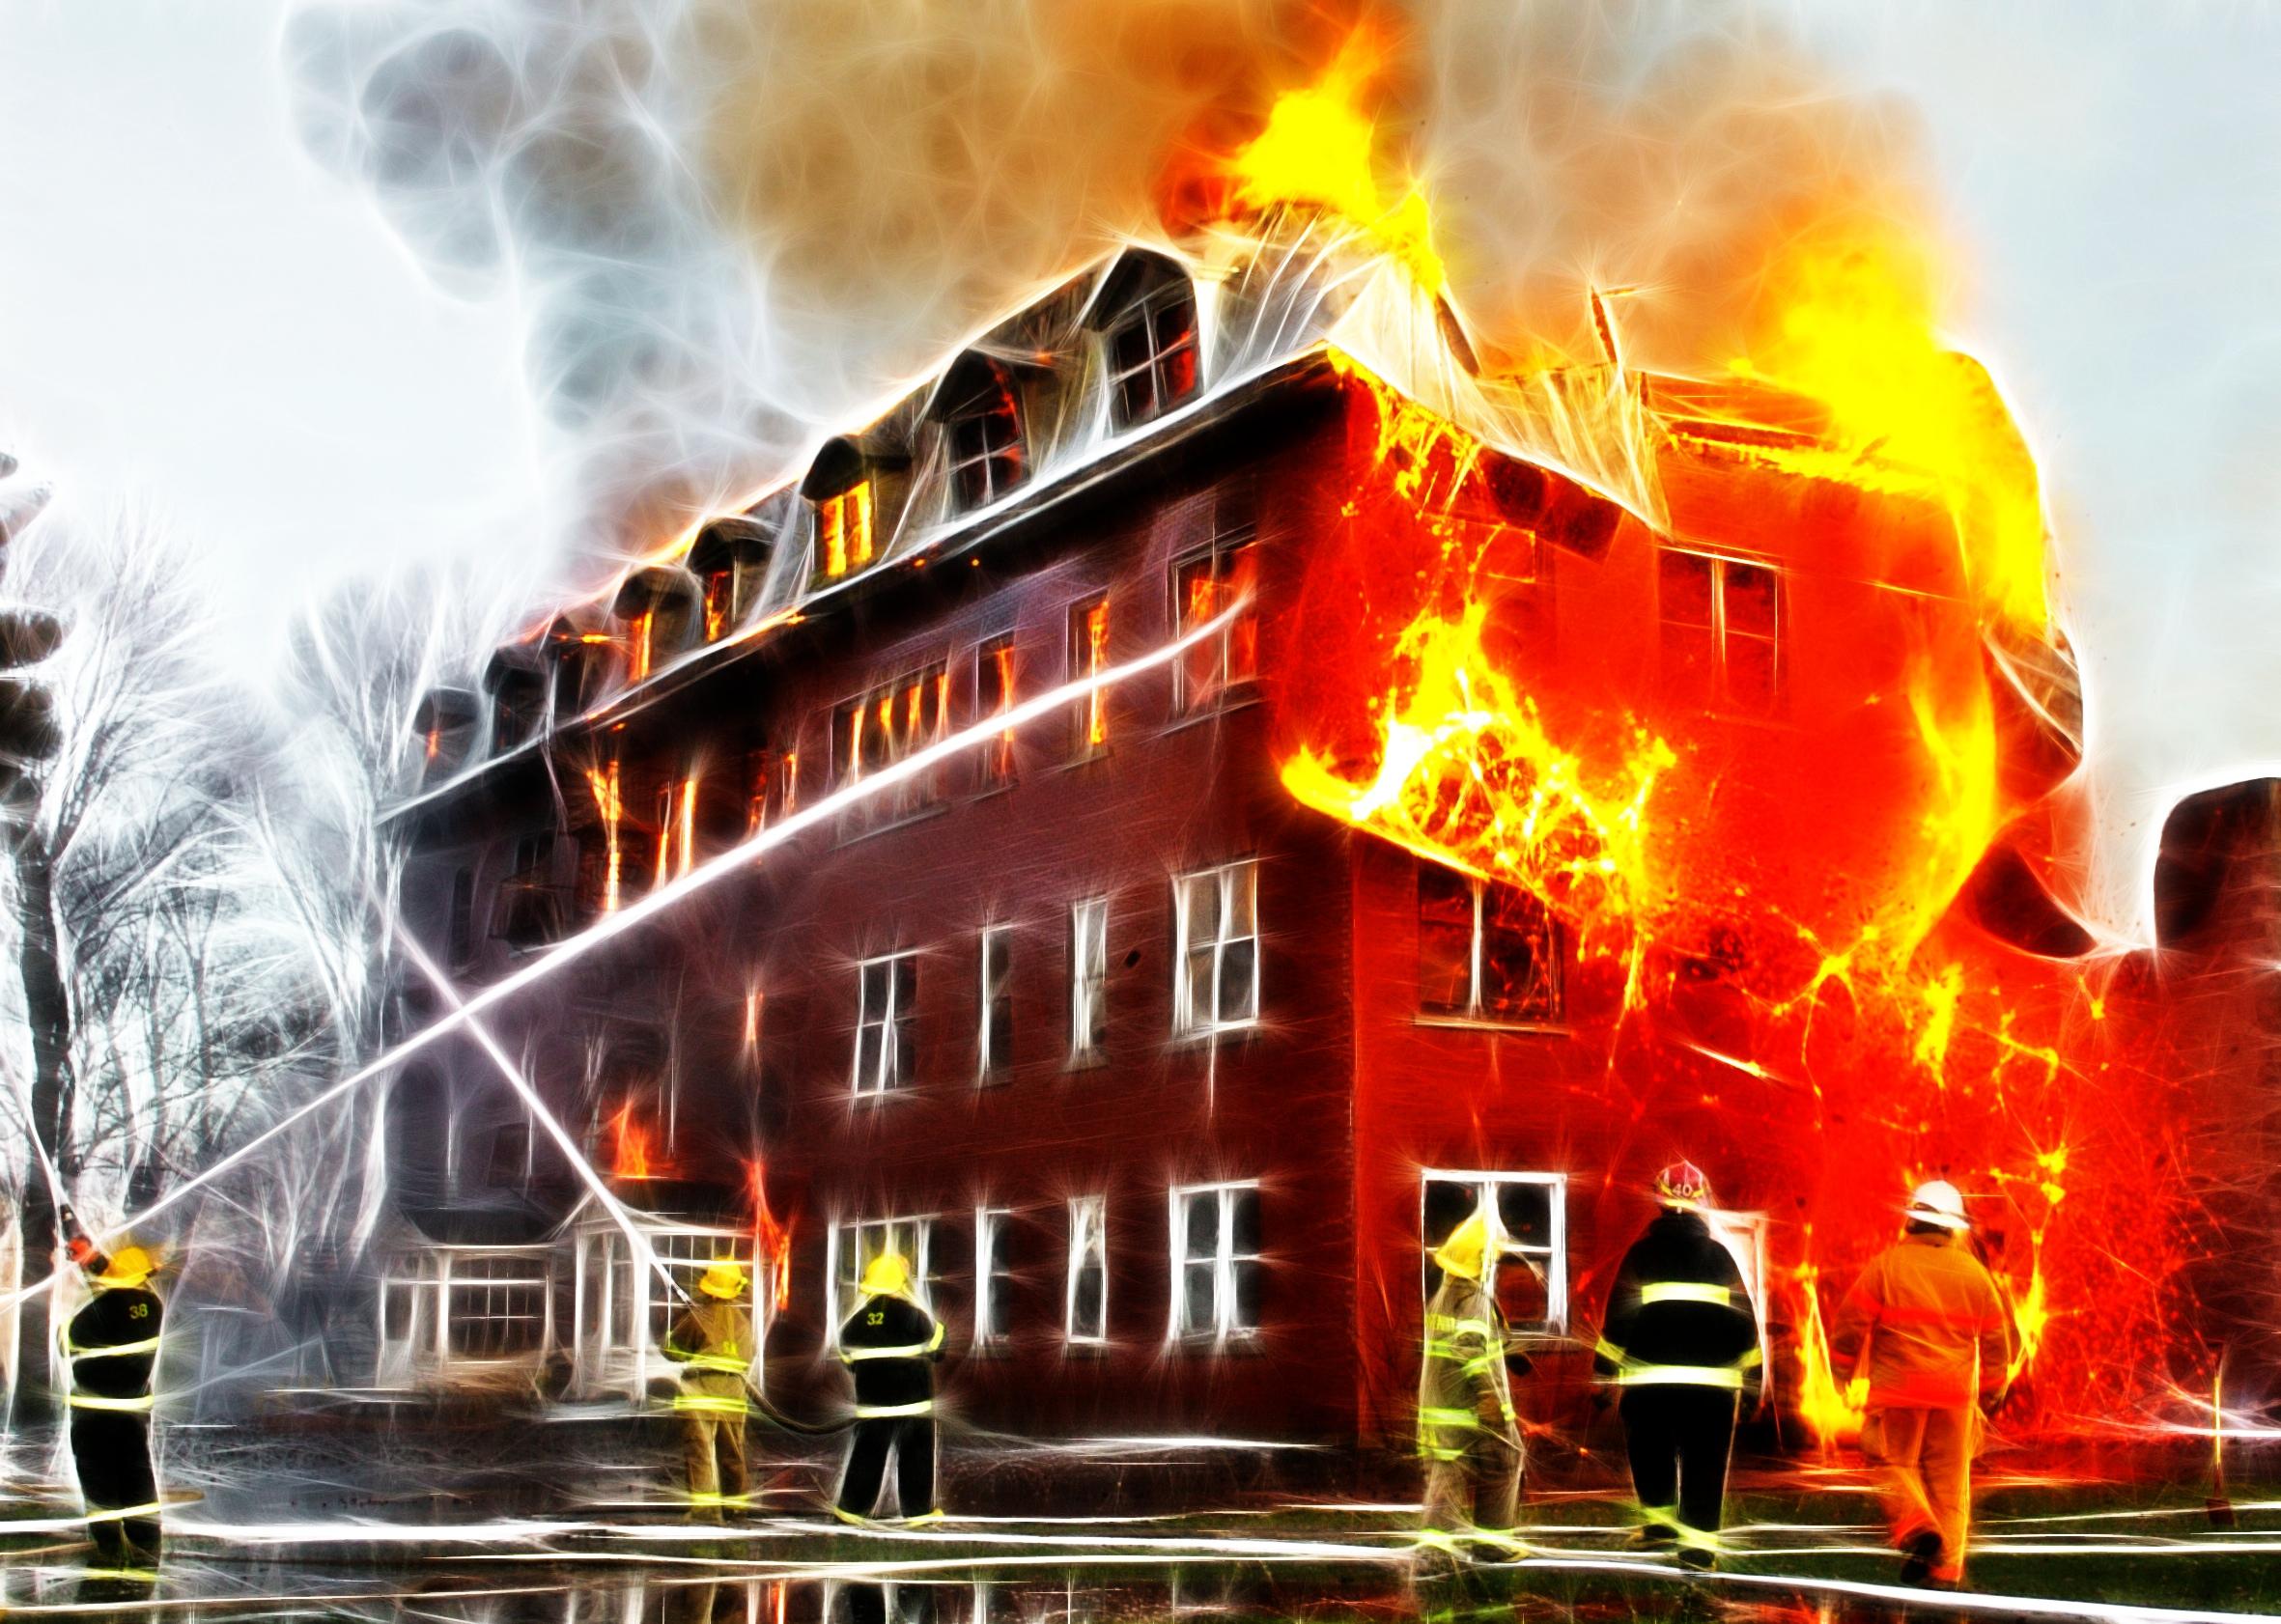 научно-технического картинки с противопожарной чизкейк домашних критериях